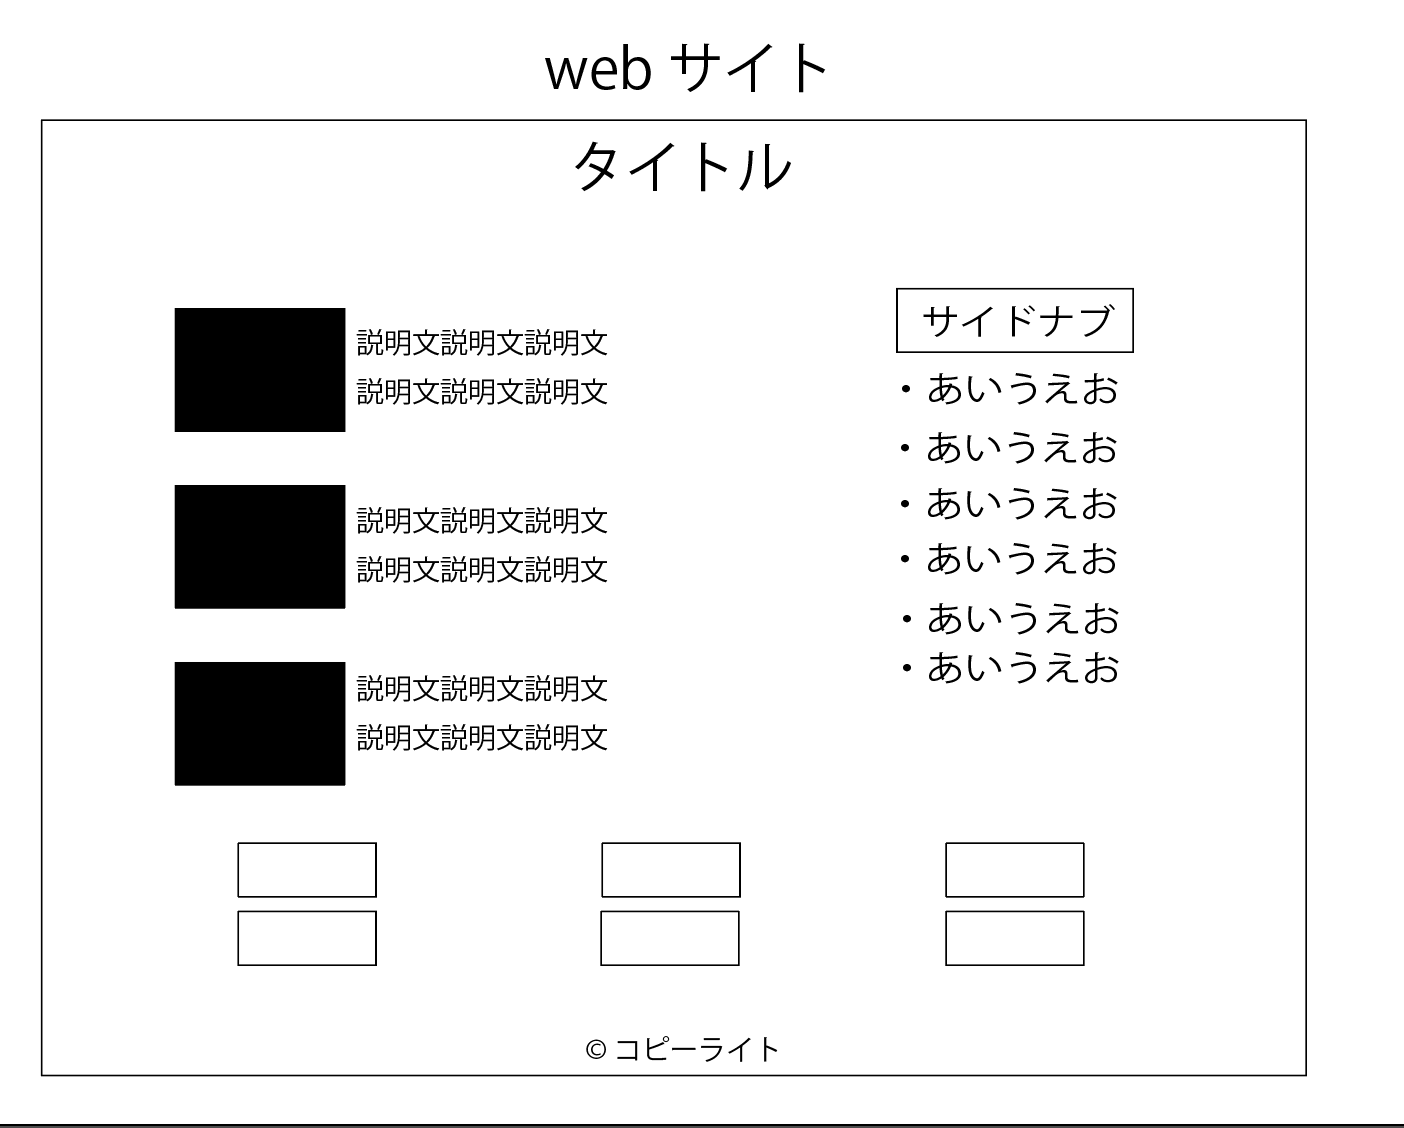 スクリーンショット 2020-03-23 12.13.56.png